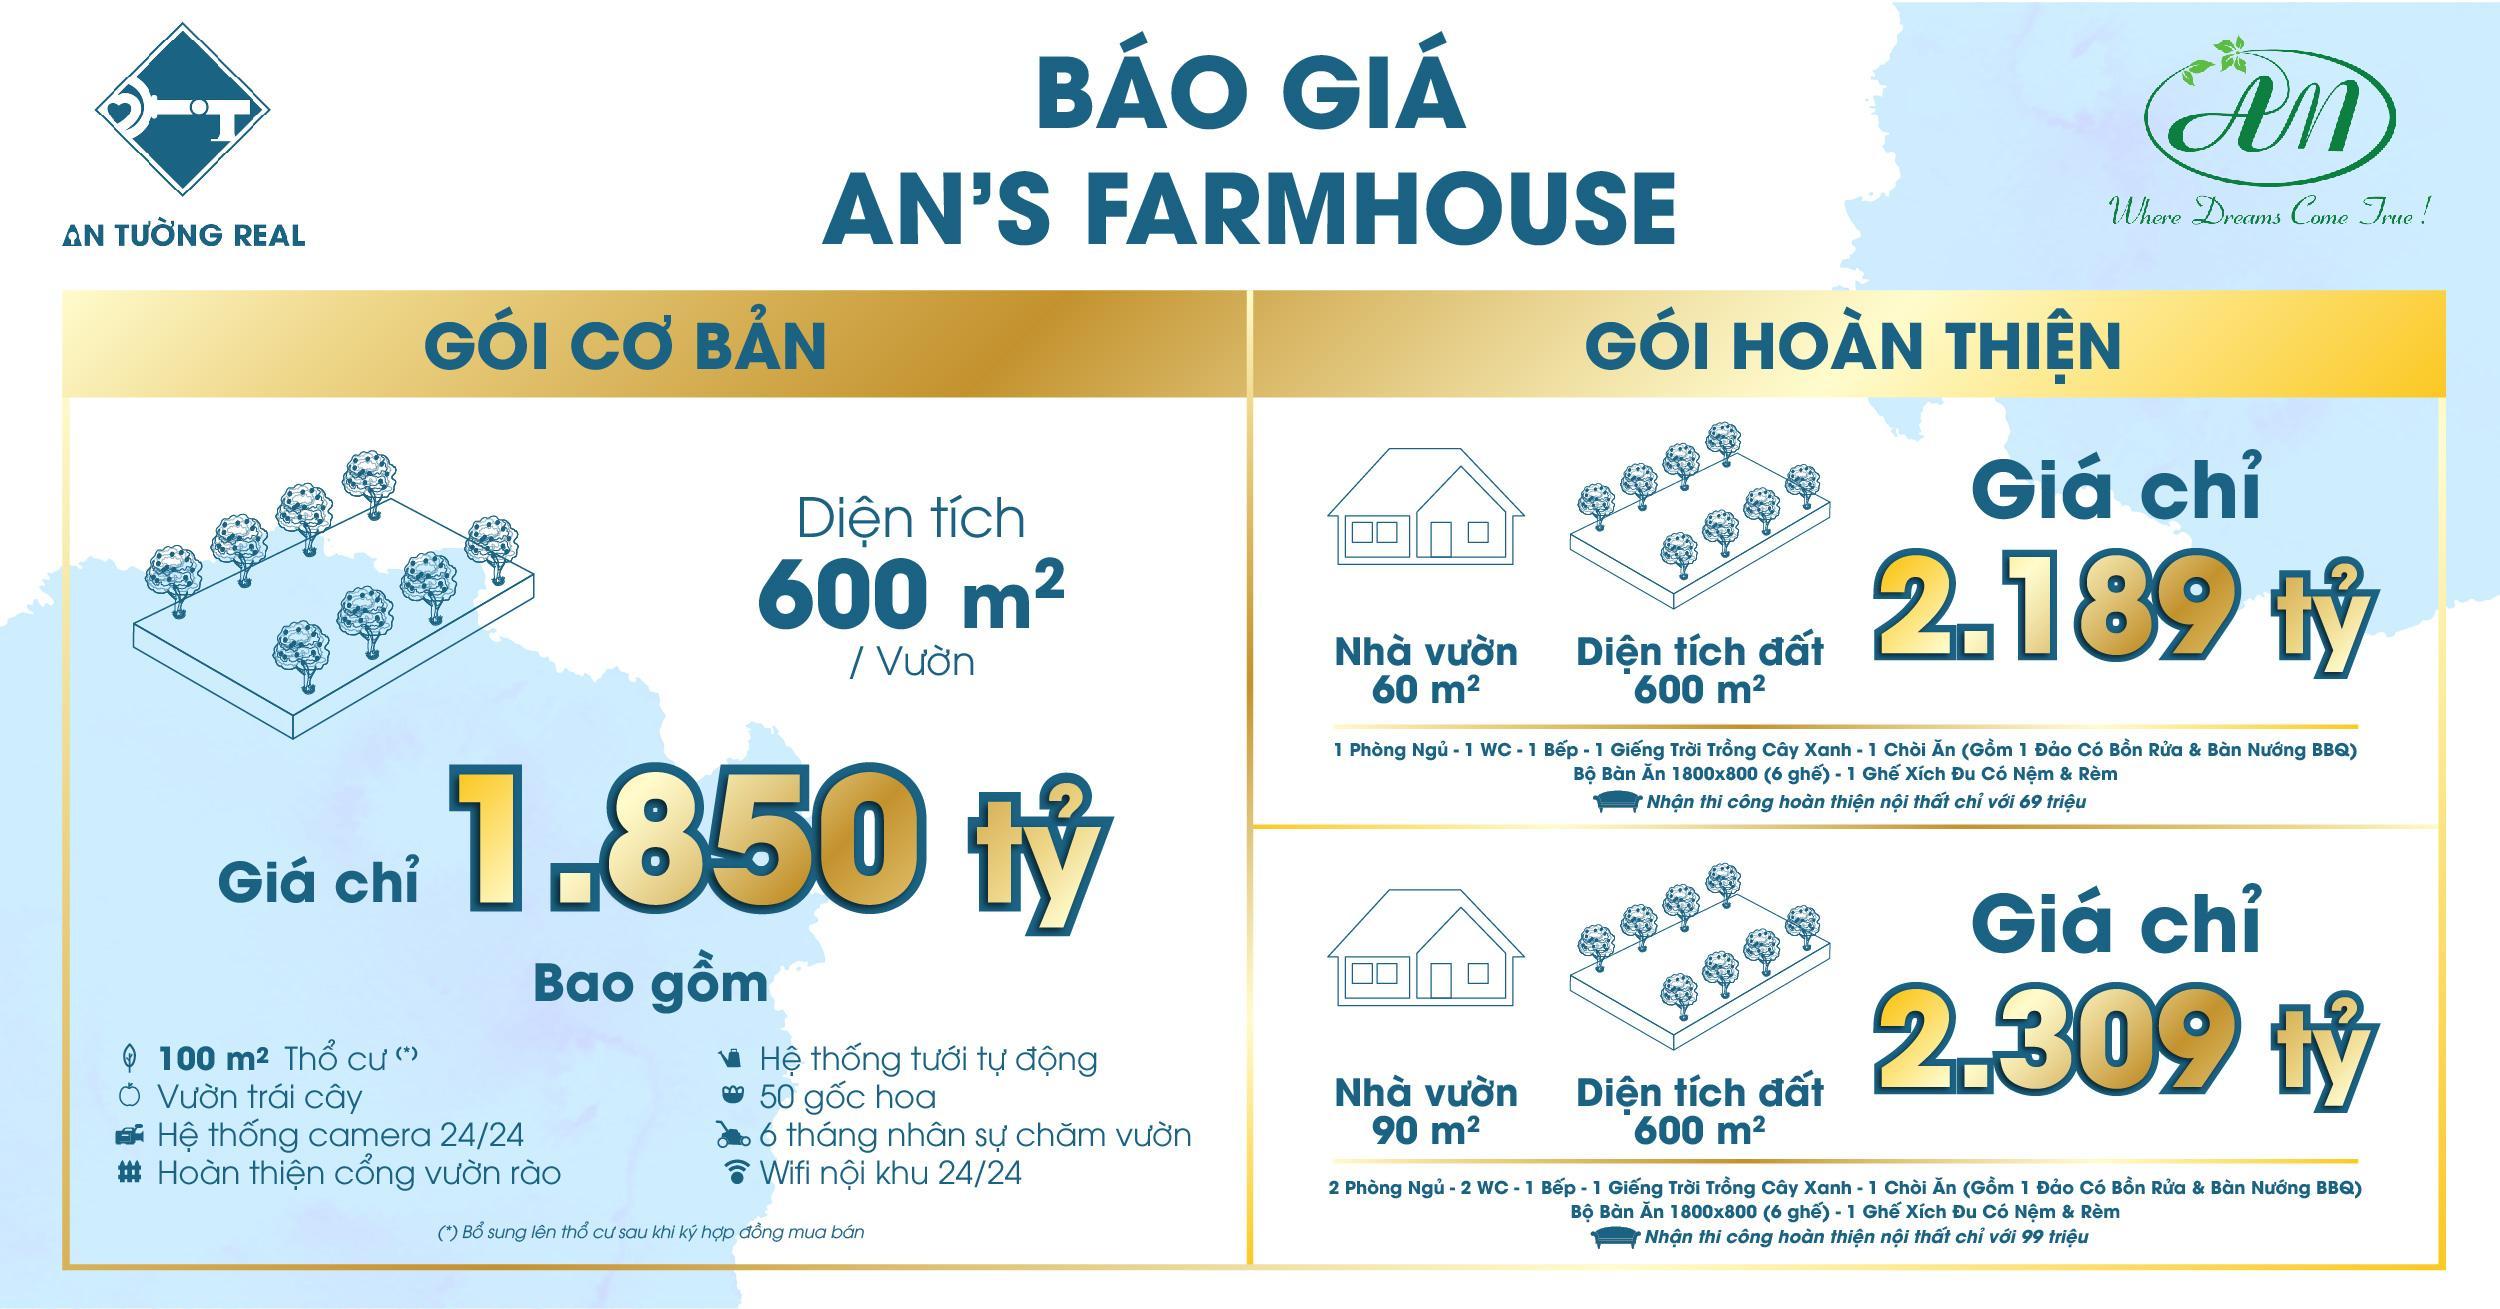 Báo giá An's Farmhouse Bà Rịa - Vũng Tàu